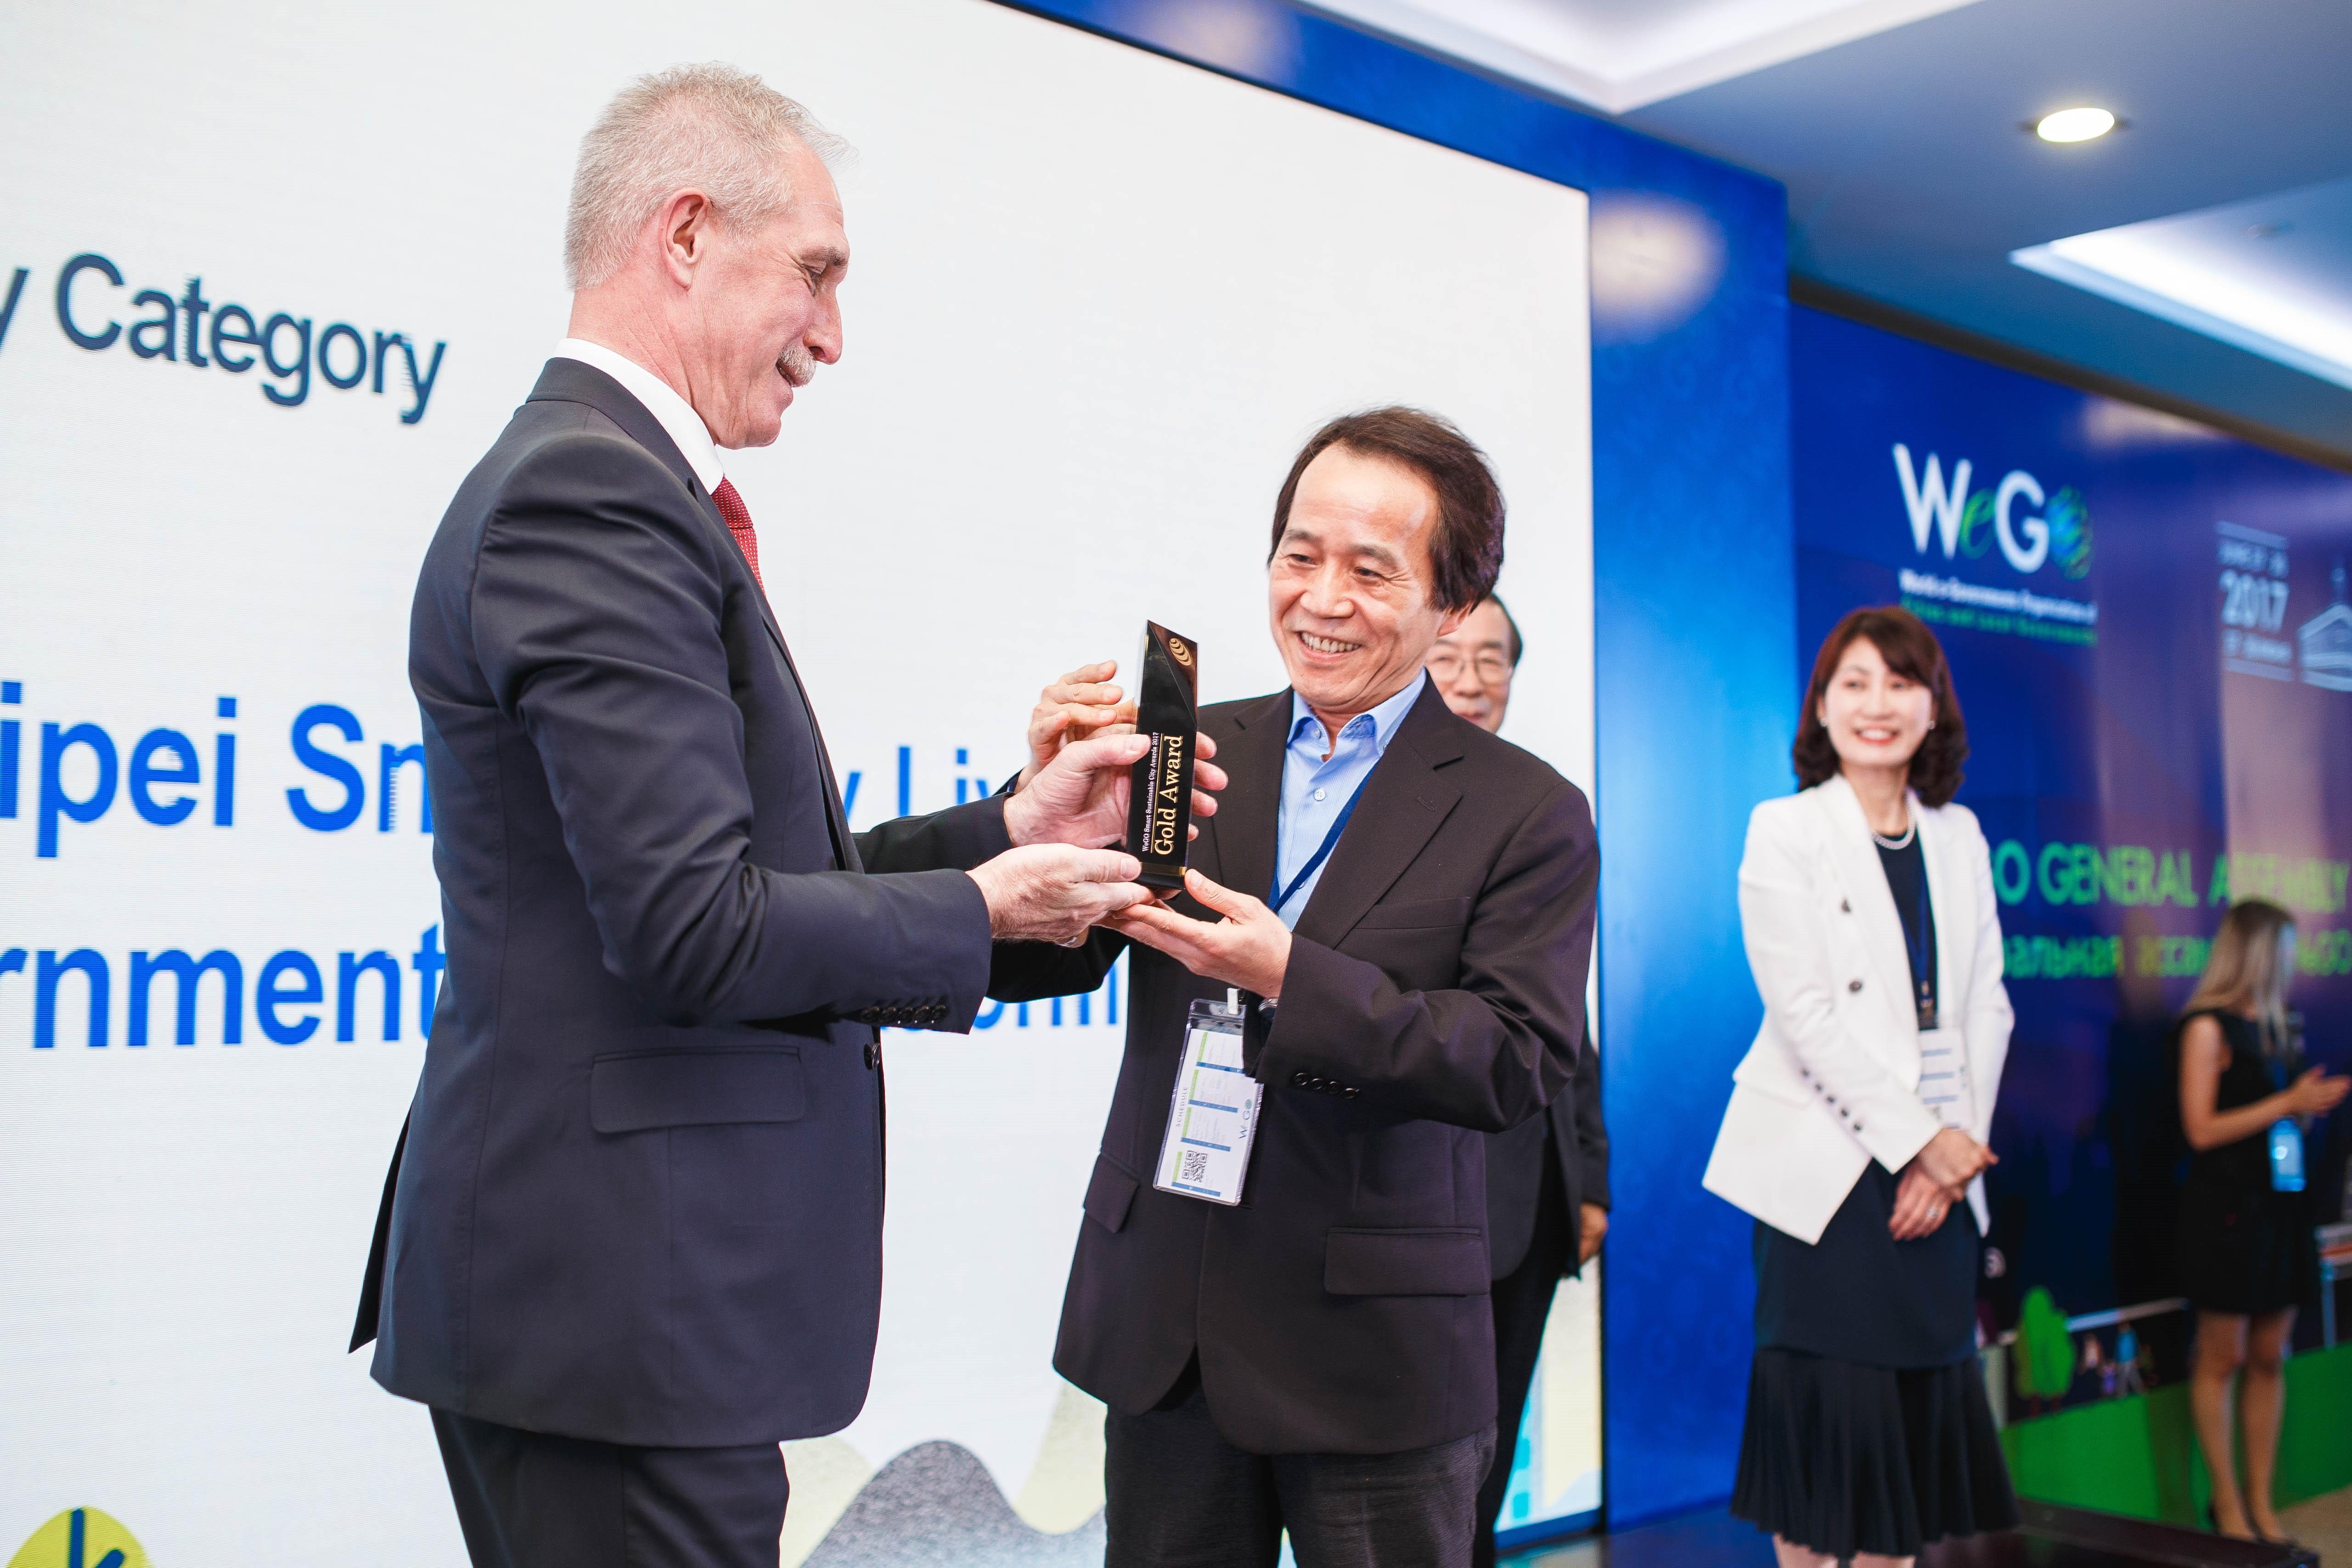 圖1:林副市長從Ulyanovsk州長Sergey I. Morozov手中接受全球合作城市金質獎座